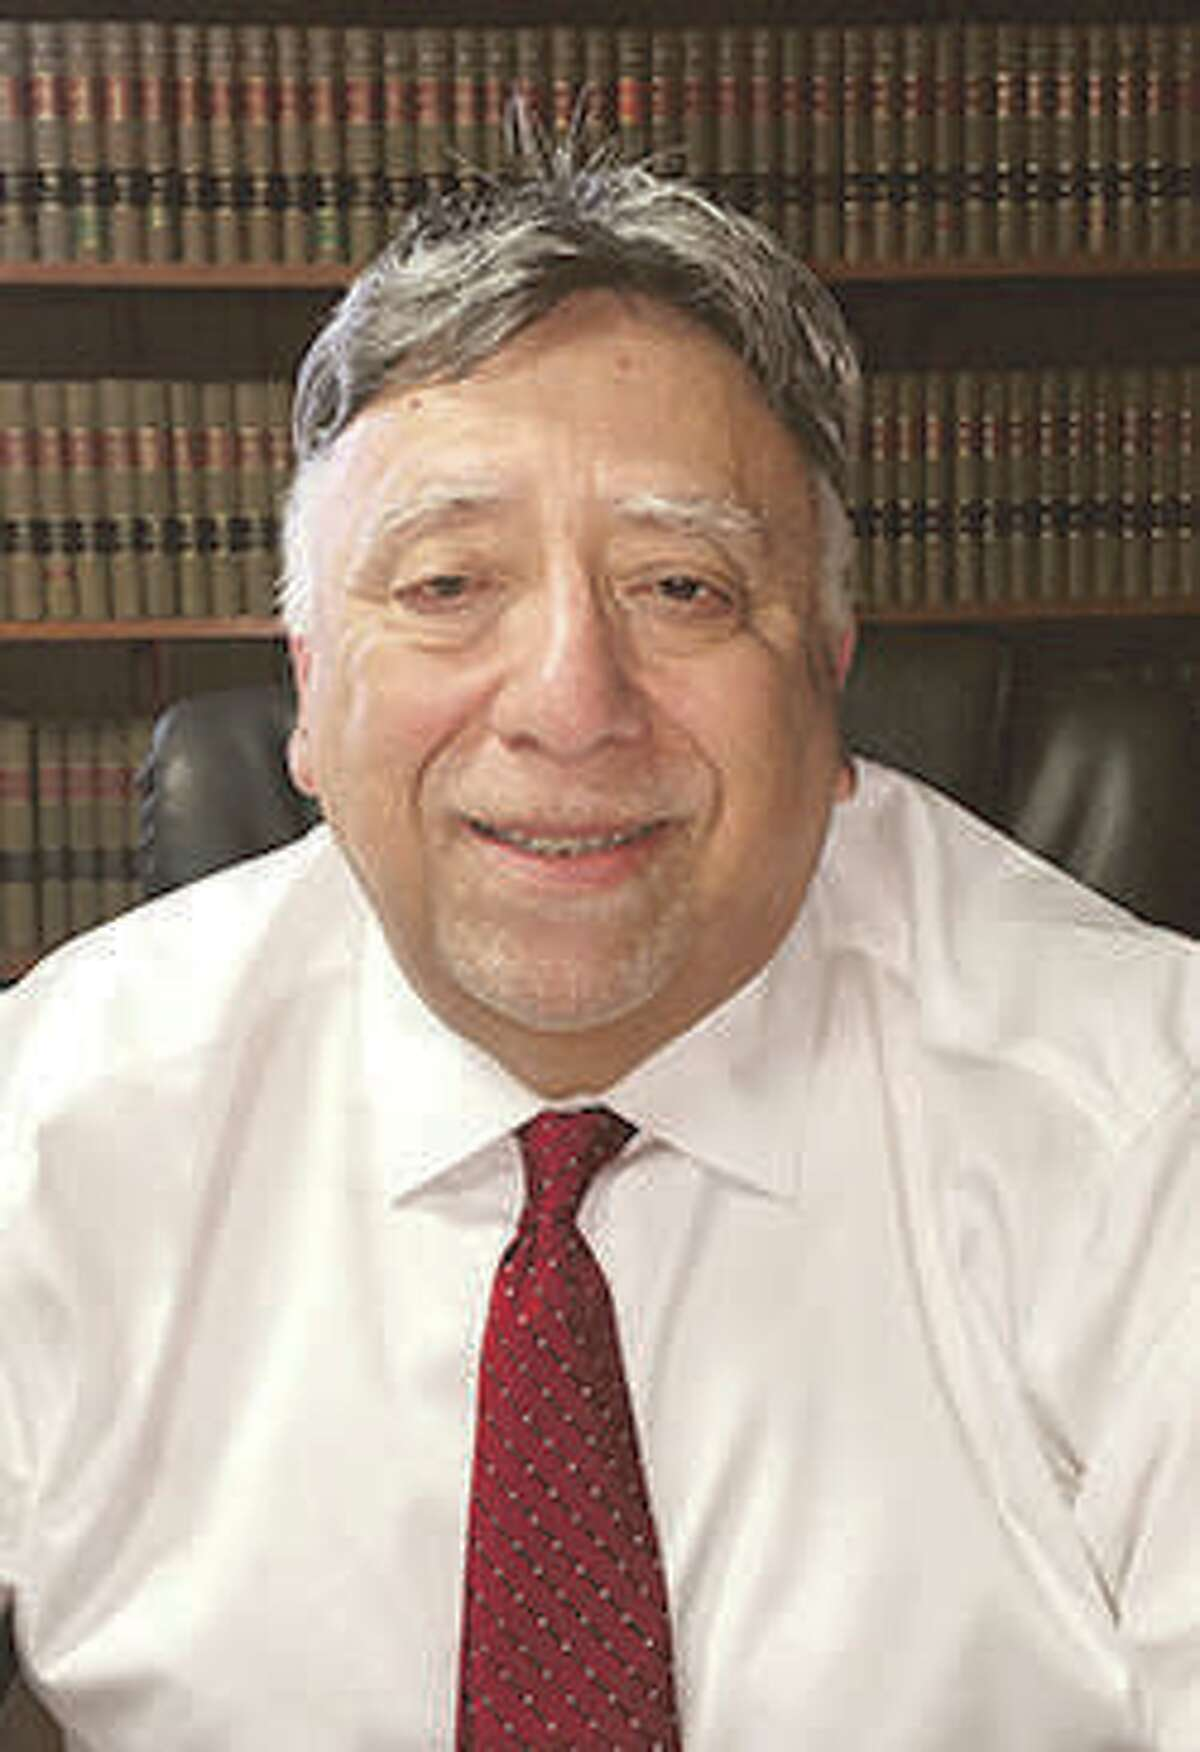 R. John Alvarez